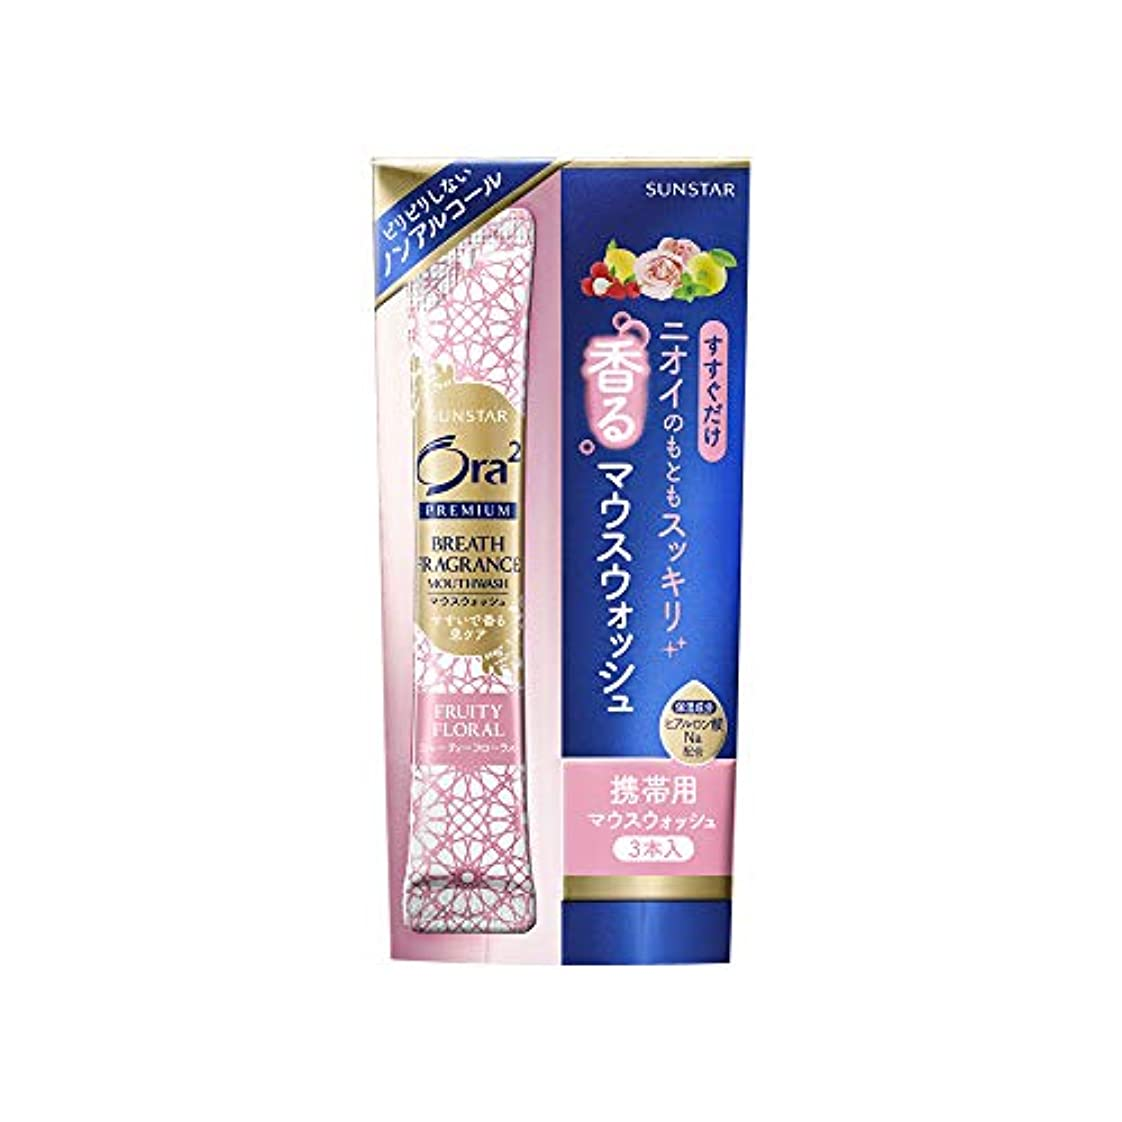 カート消化願望Ora2(オーラツー) プレミアム マウスウォッシュ ブレスフレグランス 洗口液 [フルーティーフローラル] トラベル用